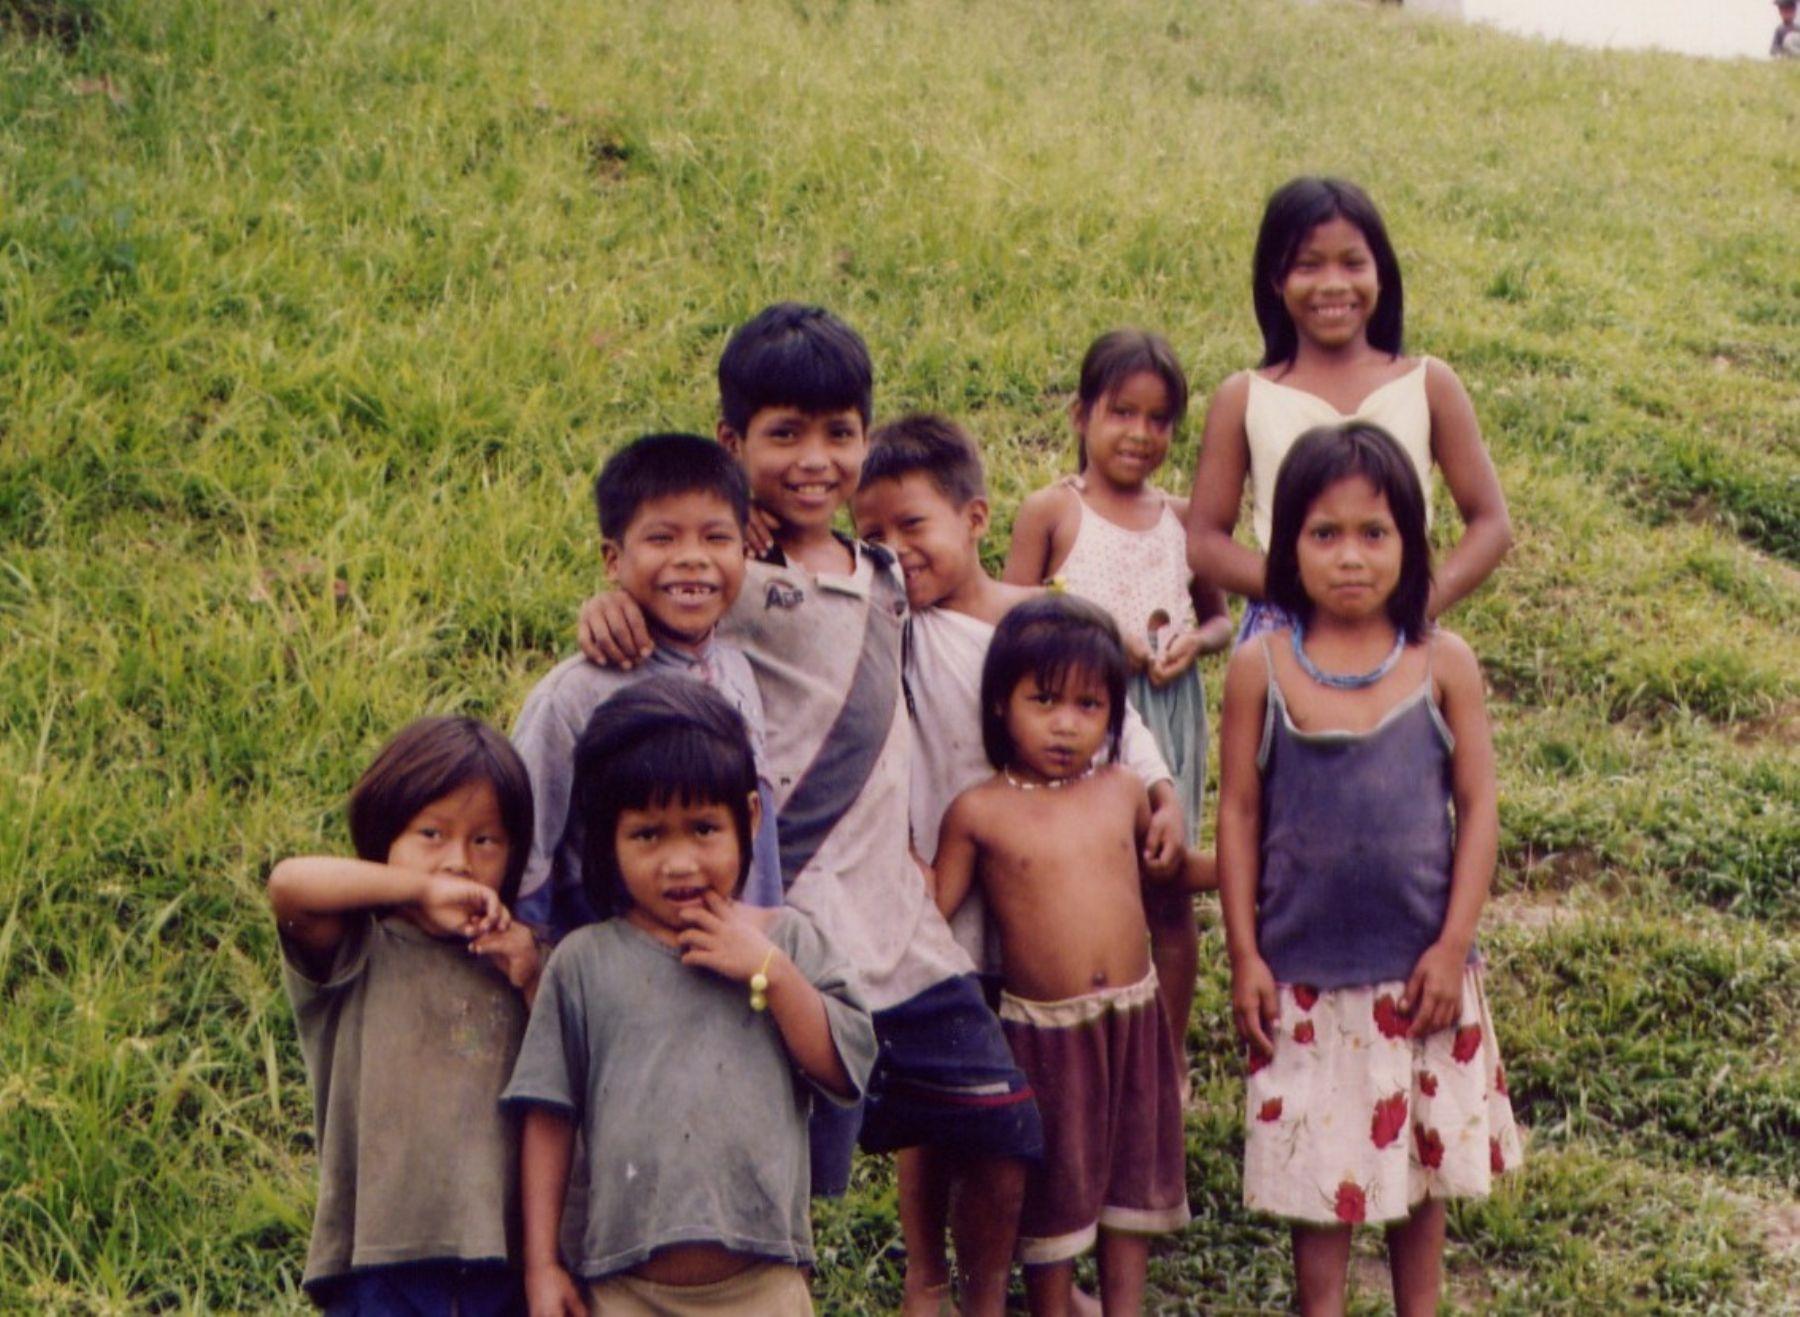 Niños nativos de la amazonía peruana. Foto: ANDINA / Archivo.